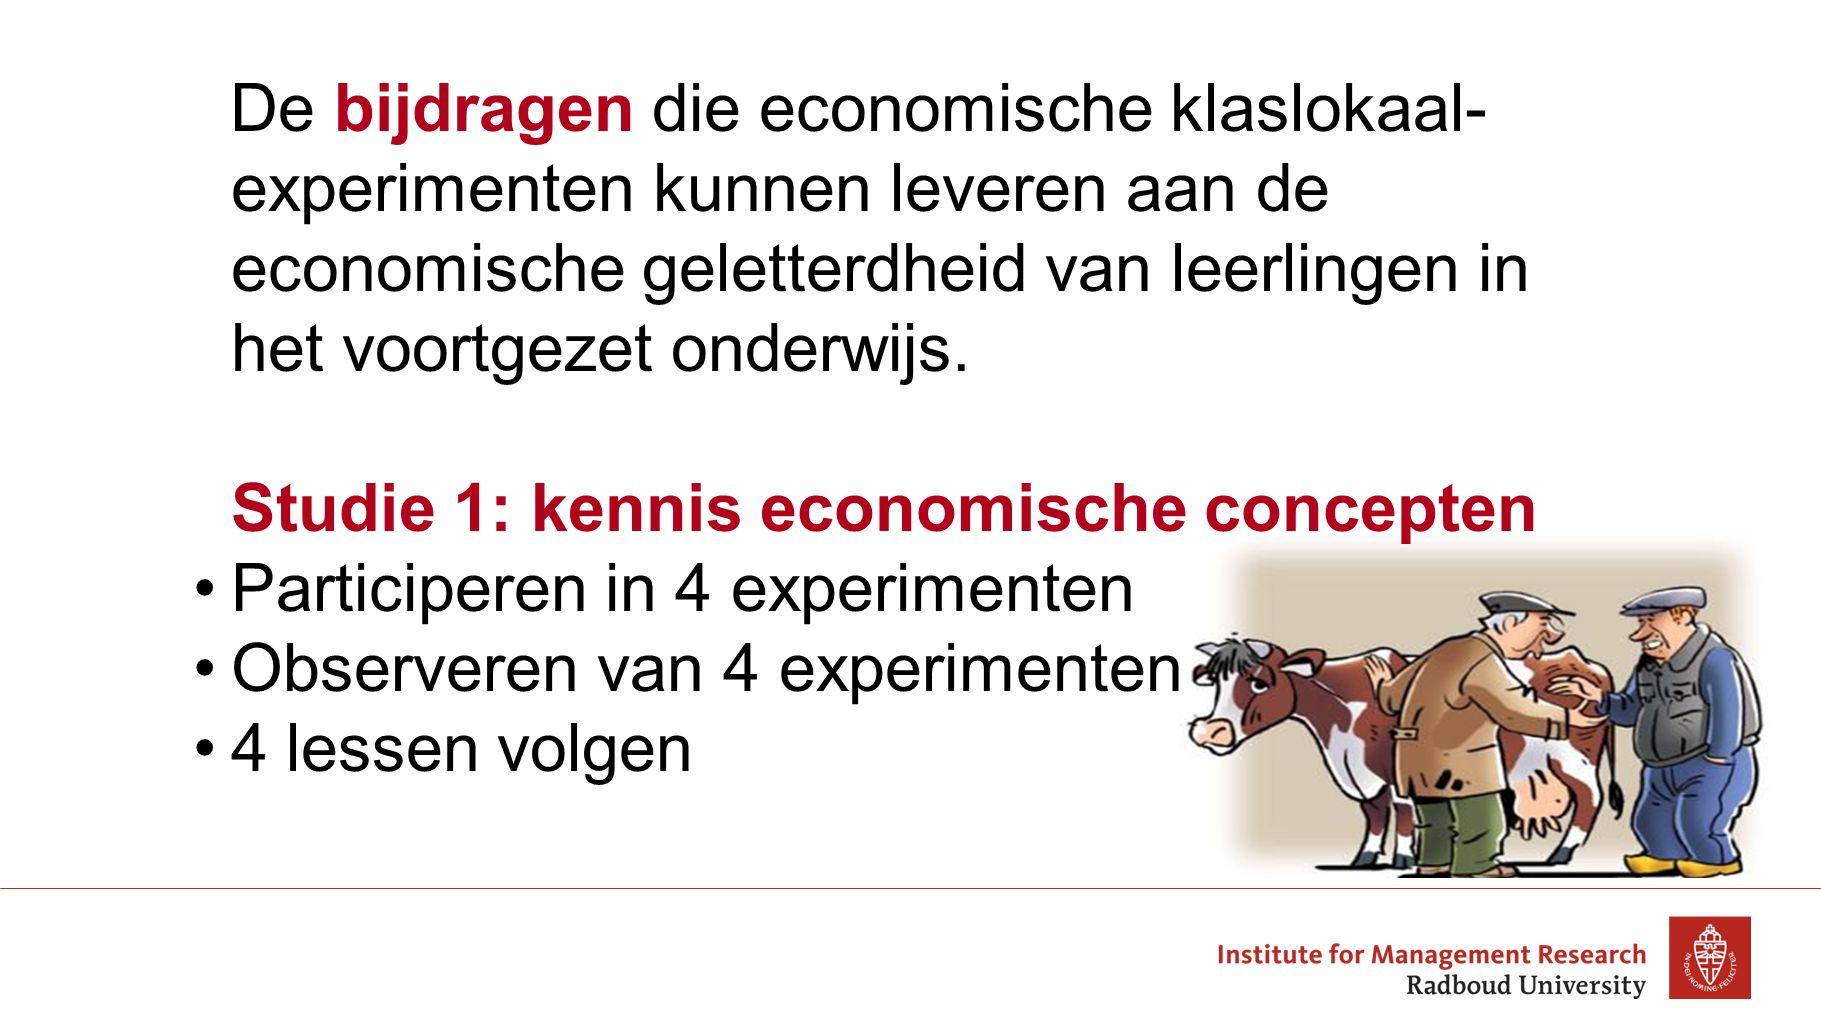 De bijdragen die economische klaslokaal-experimenten kunnen leveren aan de economische geletterdheid van leerlingen in het voortgezet onderwijs.